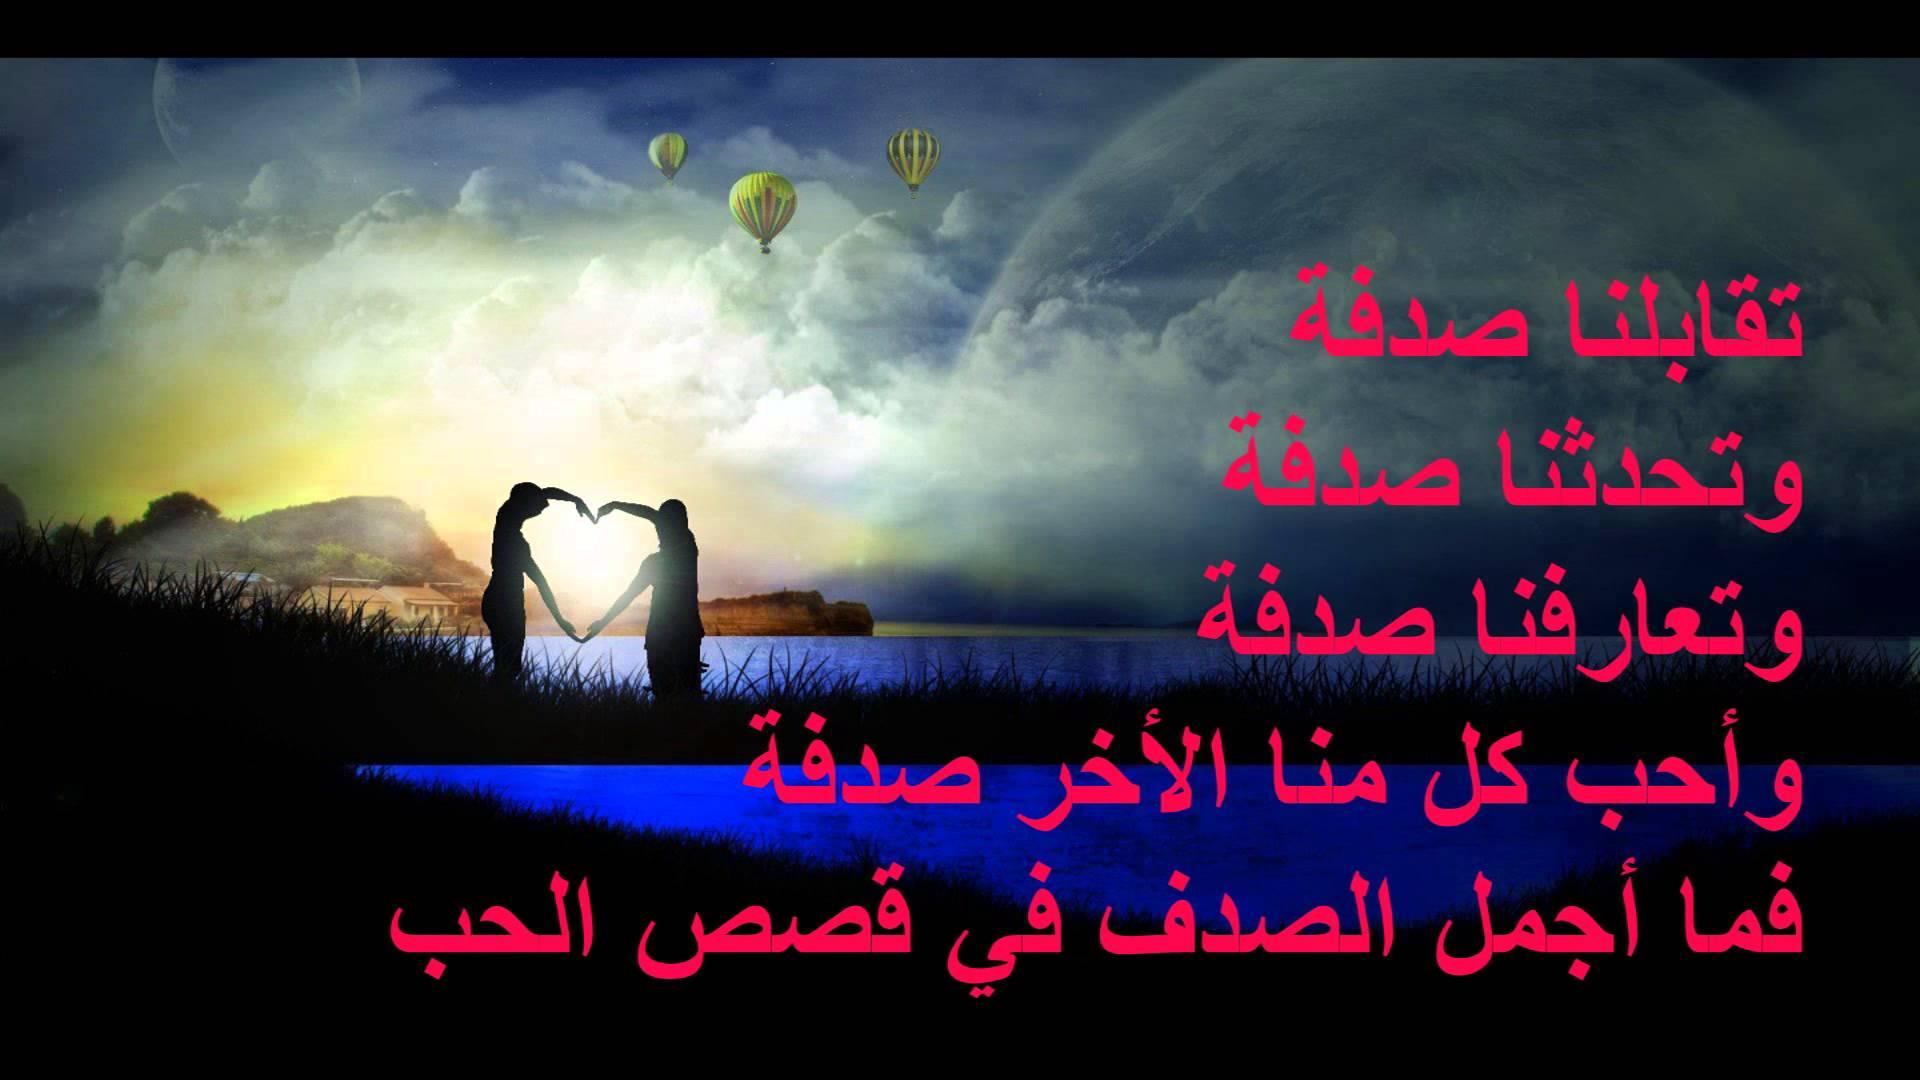 صور كلام في الحب والغرام , اجمل كلام يقال ف الحب والغرام بين الحبيبن